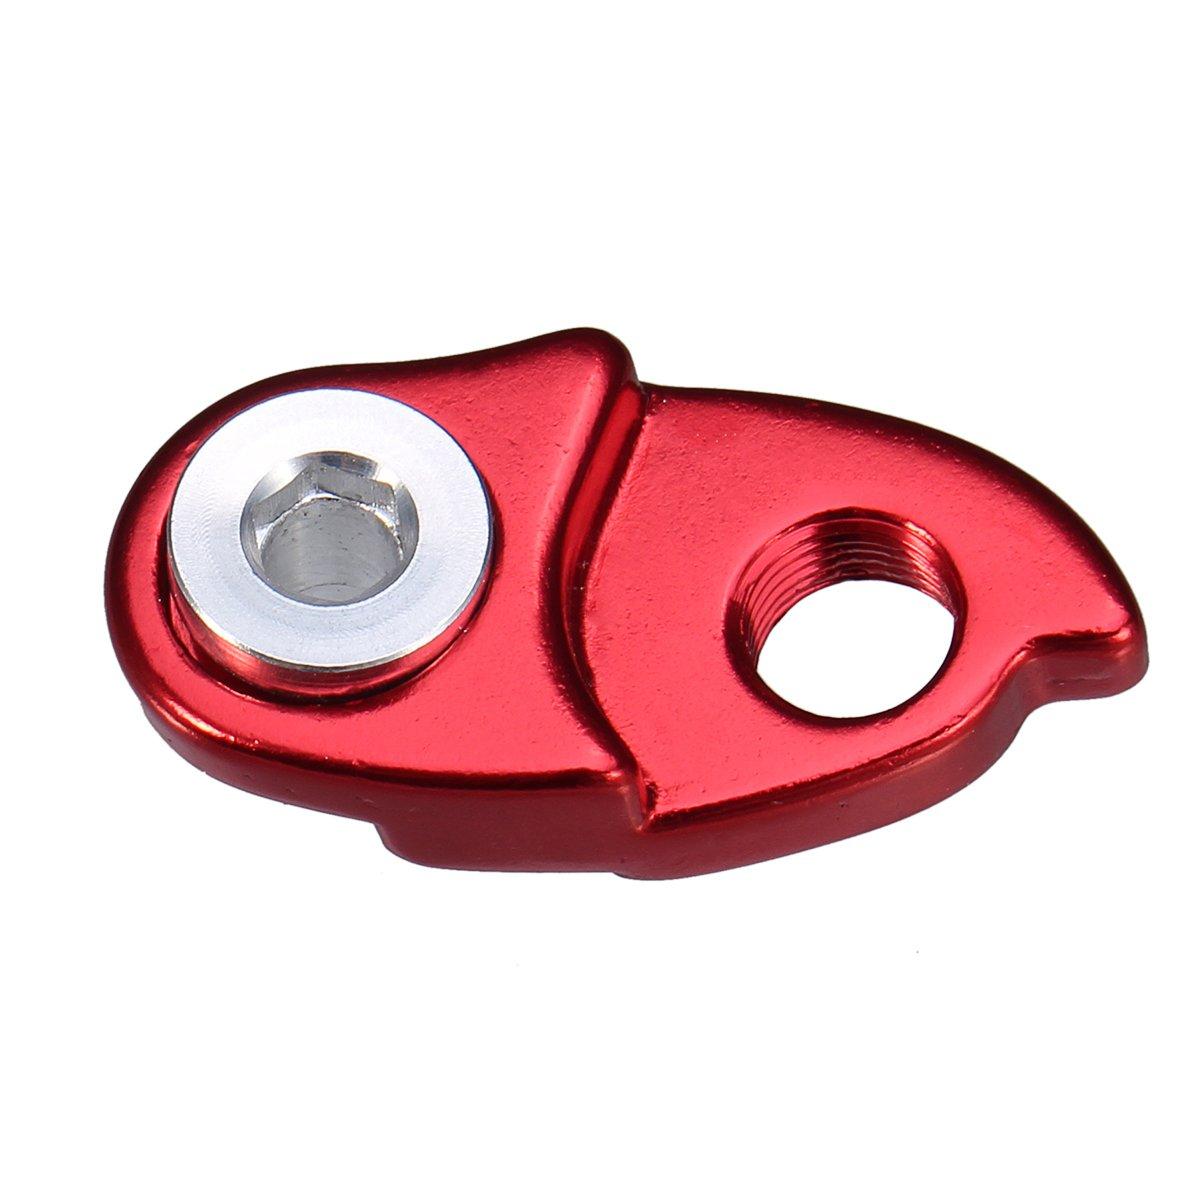 50 T; de la marca VORCOOL 42 T 46 T rojo Gancho trasero para cambio de marchas de bicicleta de monta/ña o carretera con adaptador de extensi/ón para cassette de bicicleta Shimano 40 T